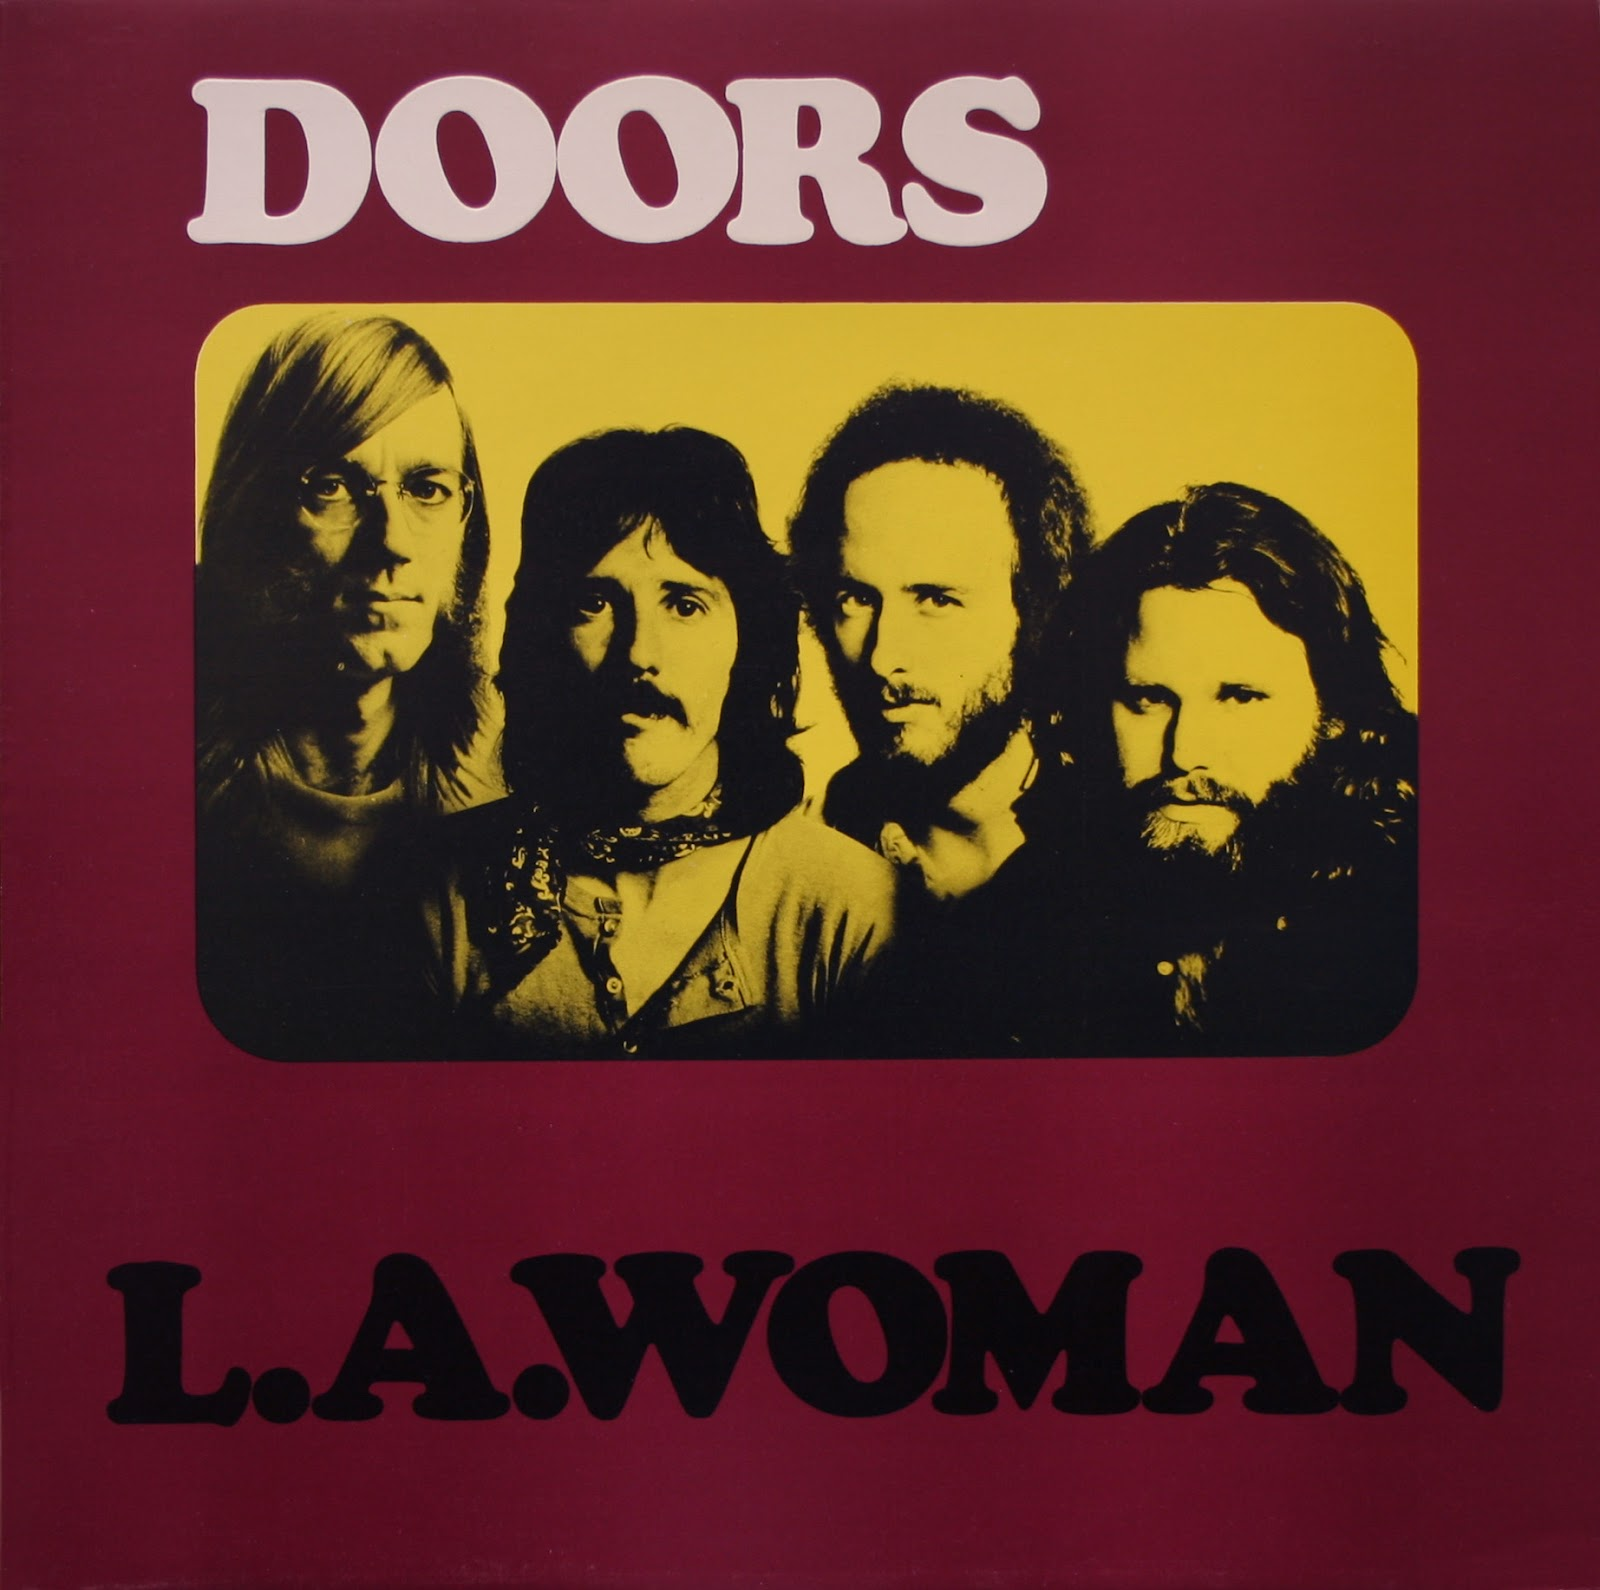 DoorsLaWoman.jpg